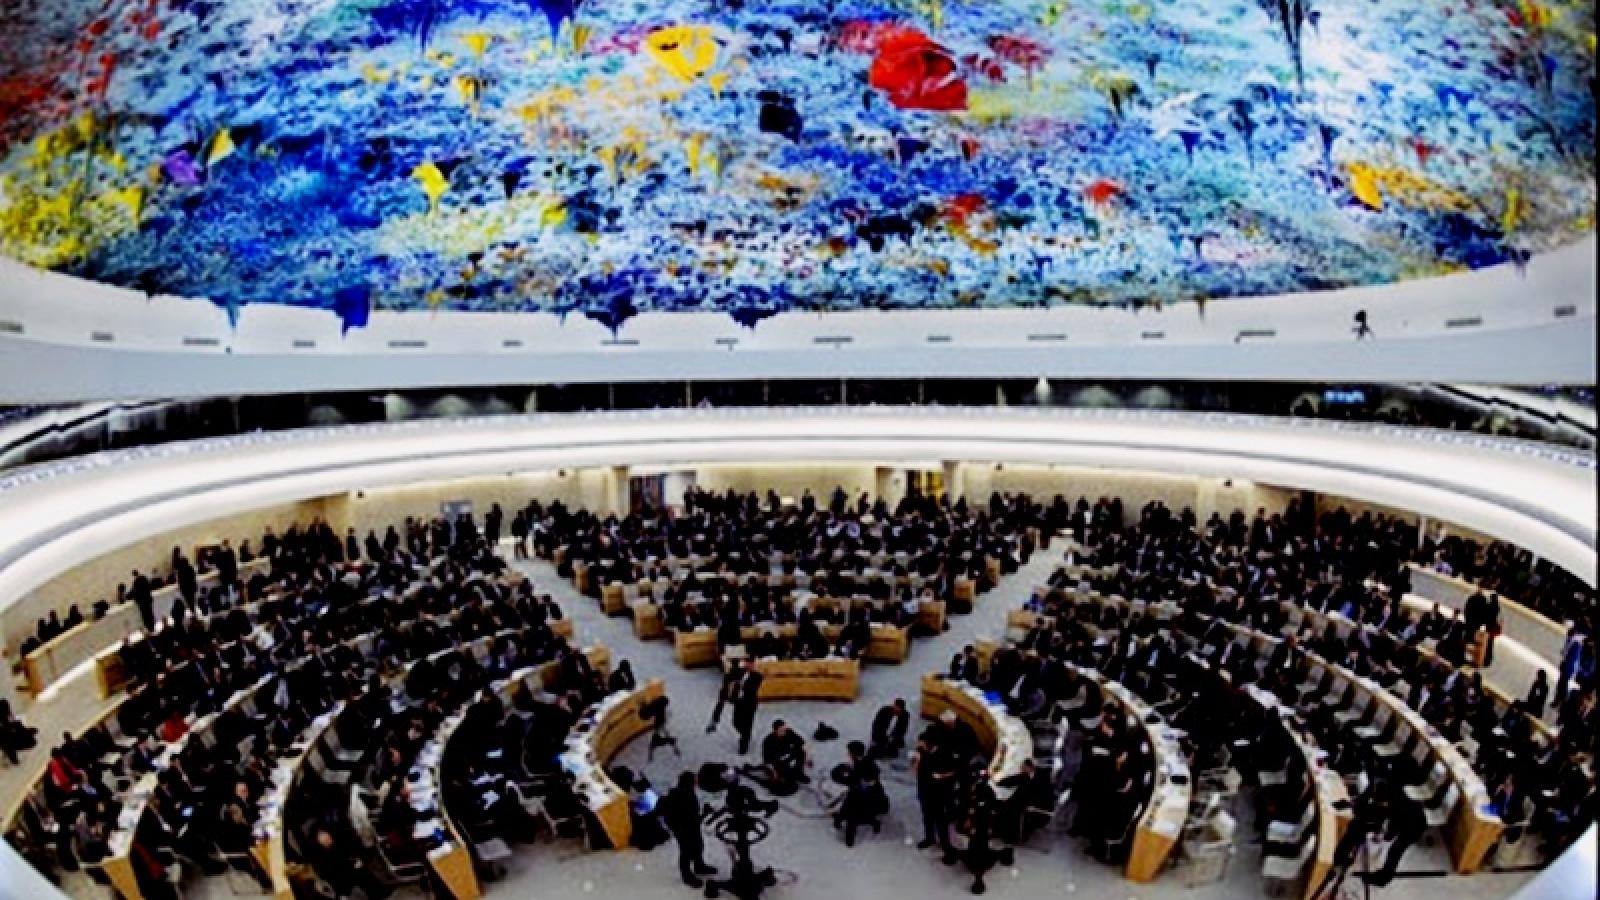 Đại diện 15 nước được bầu làm thành viên Hội đồng Nhân quyền Liên Hợp Quốc